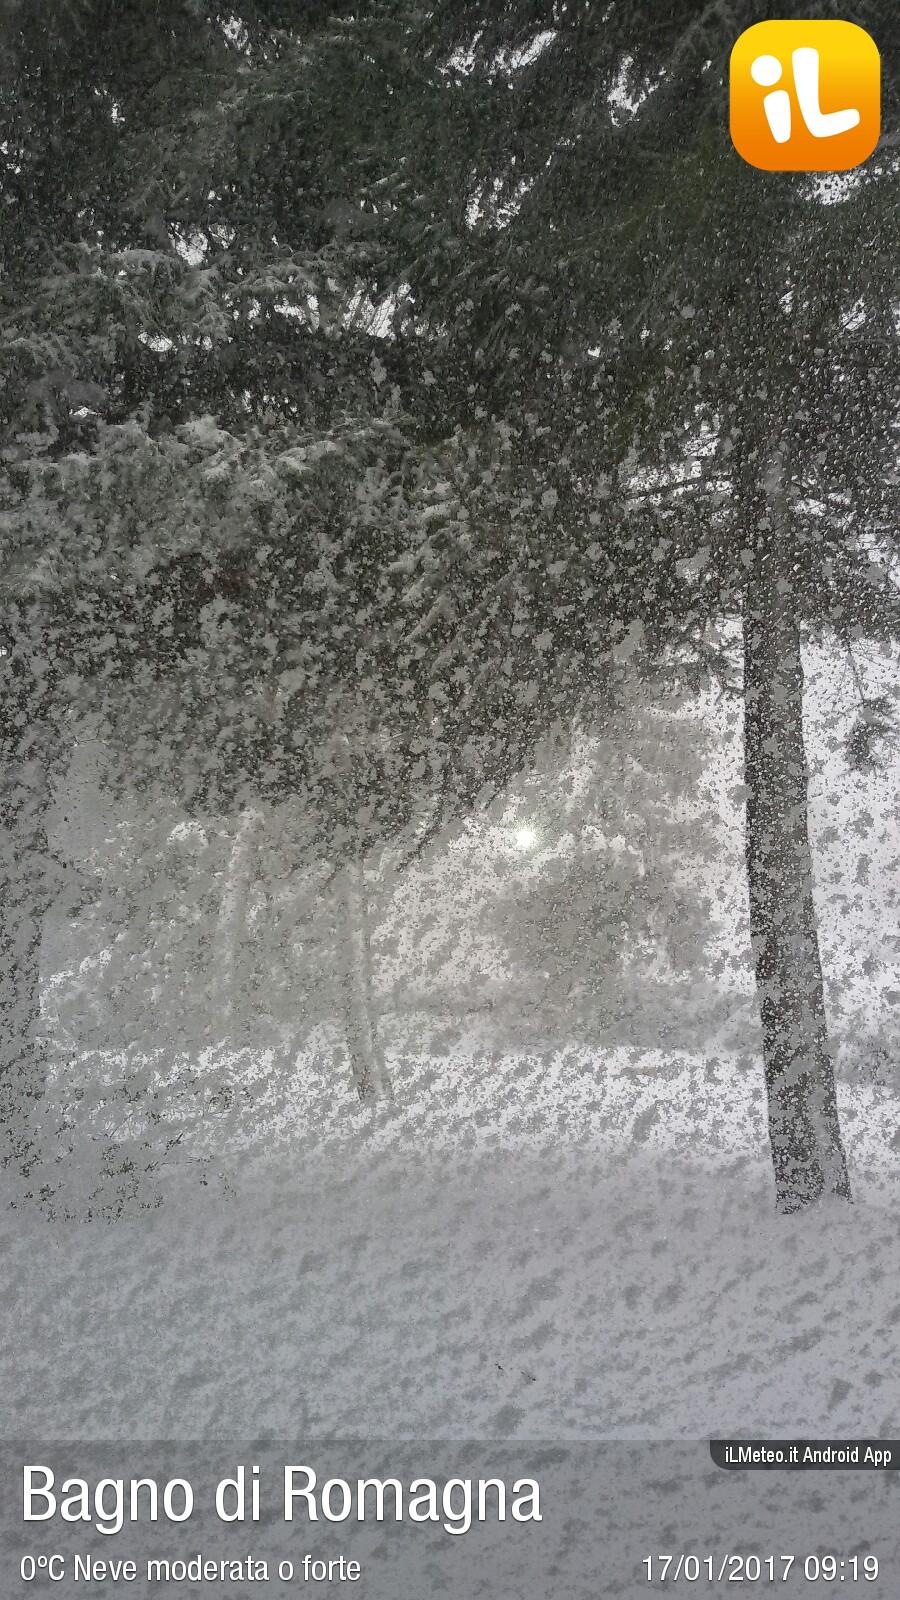 Foto meteo bagno di romagna bagno di romagna ore 9 19 - Mtb bagno di romagna ...